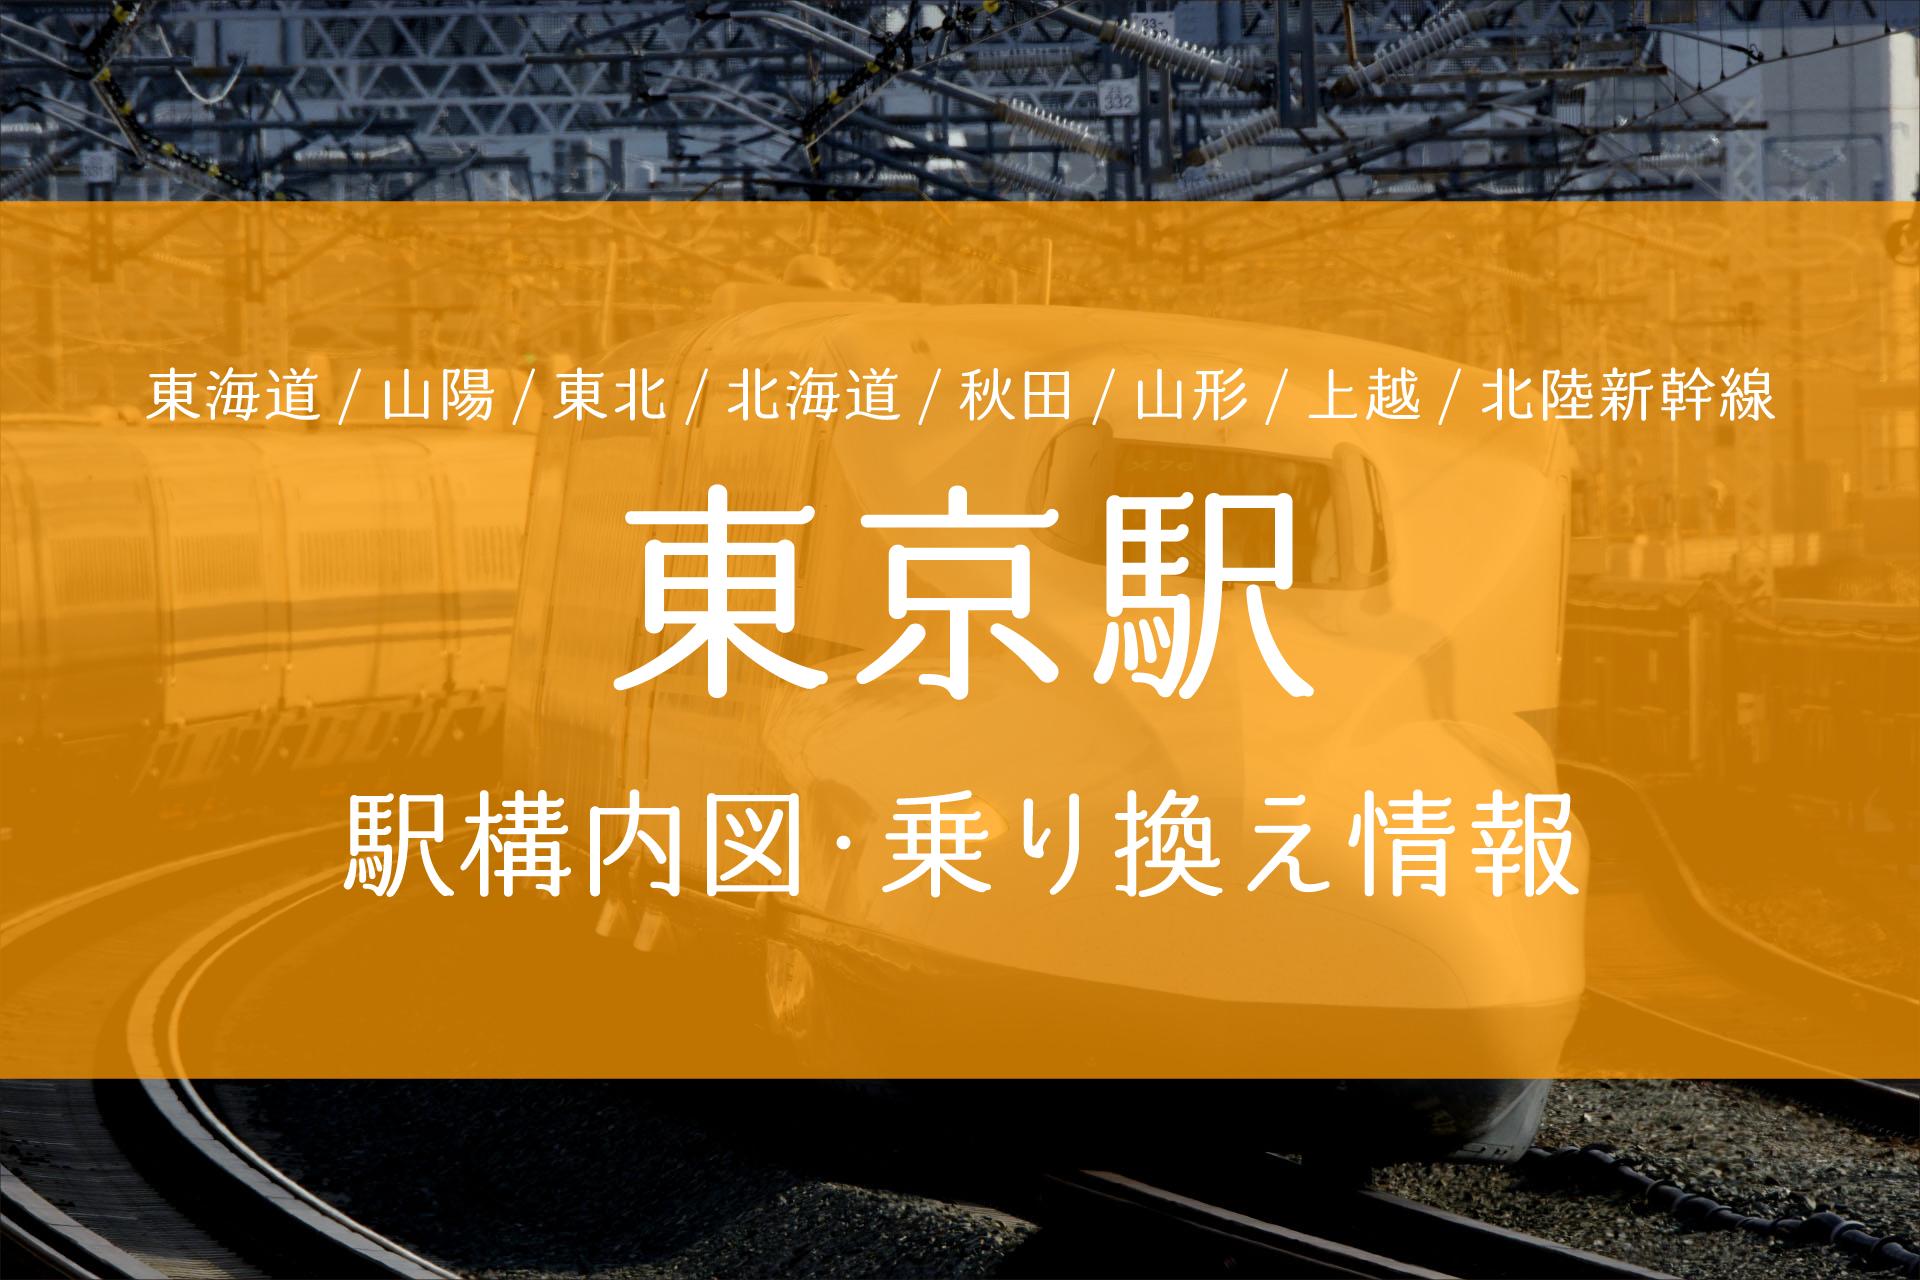 東京駅構内図・乗り換え情報